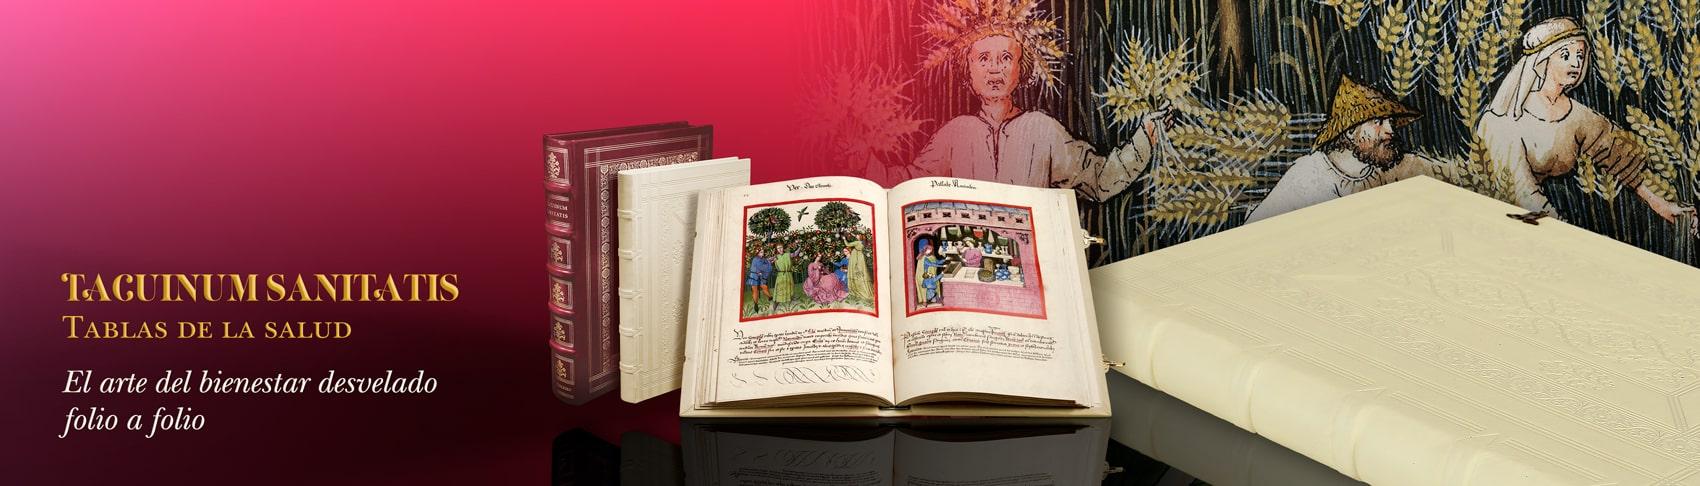 Tacuinum Sanitatis tratado medieval sobre el bienestar y la salud. El Arte del bienestar desvelado en un códice medieval.